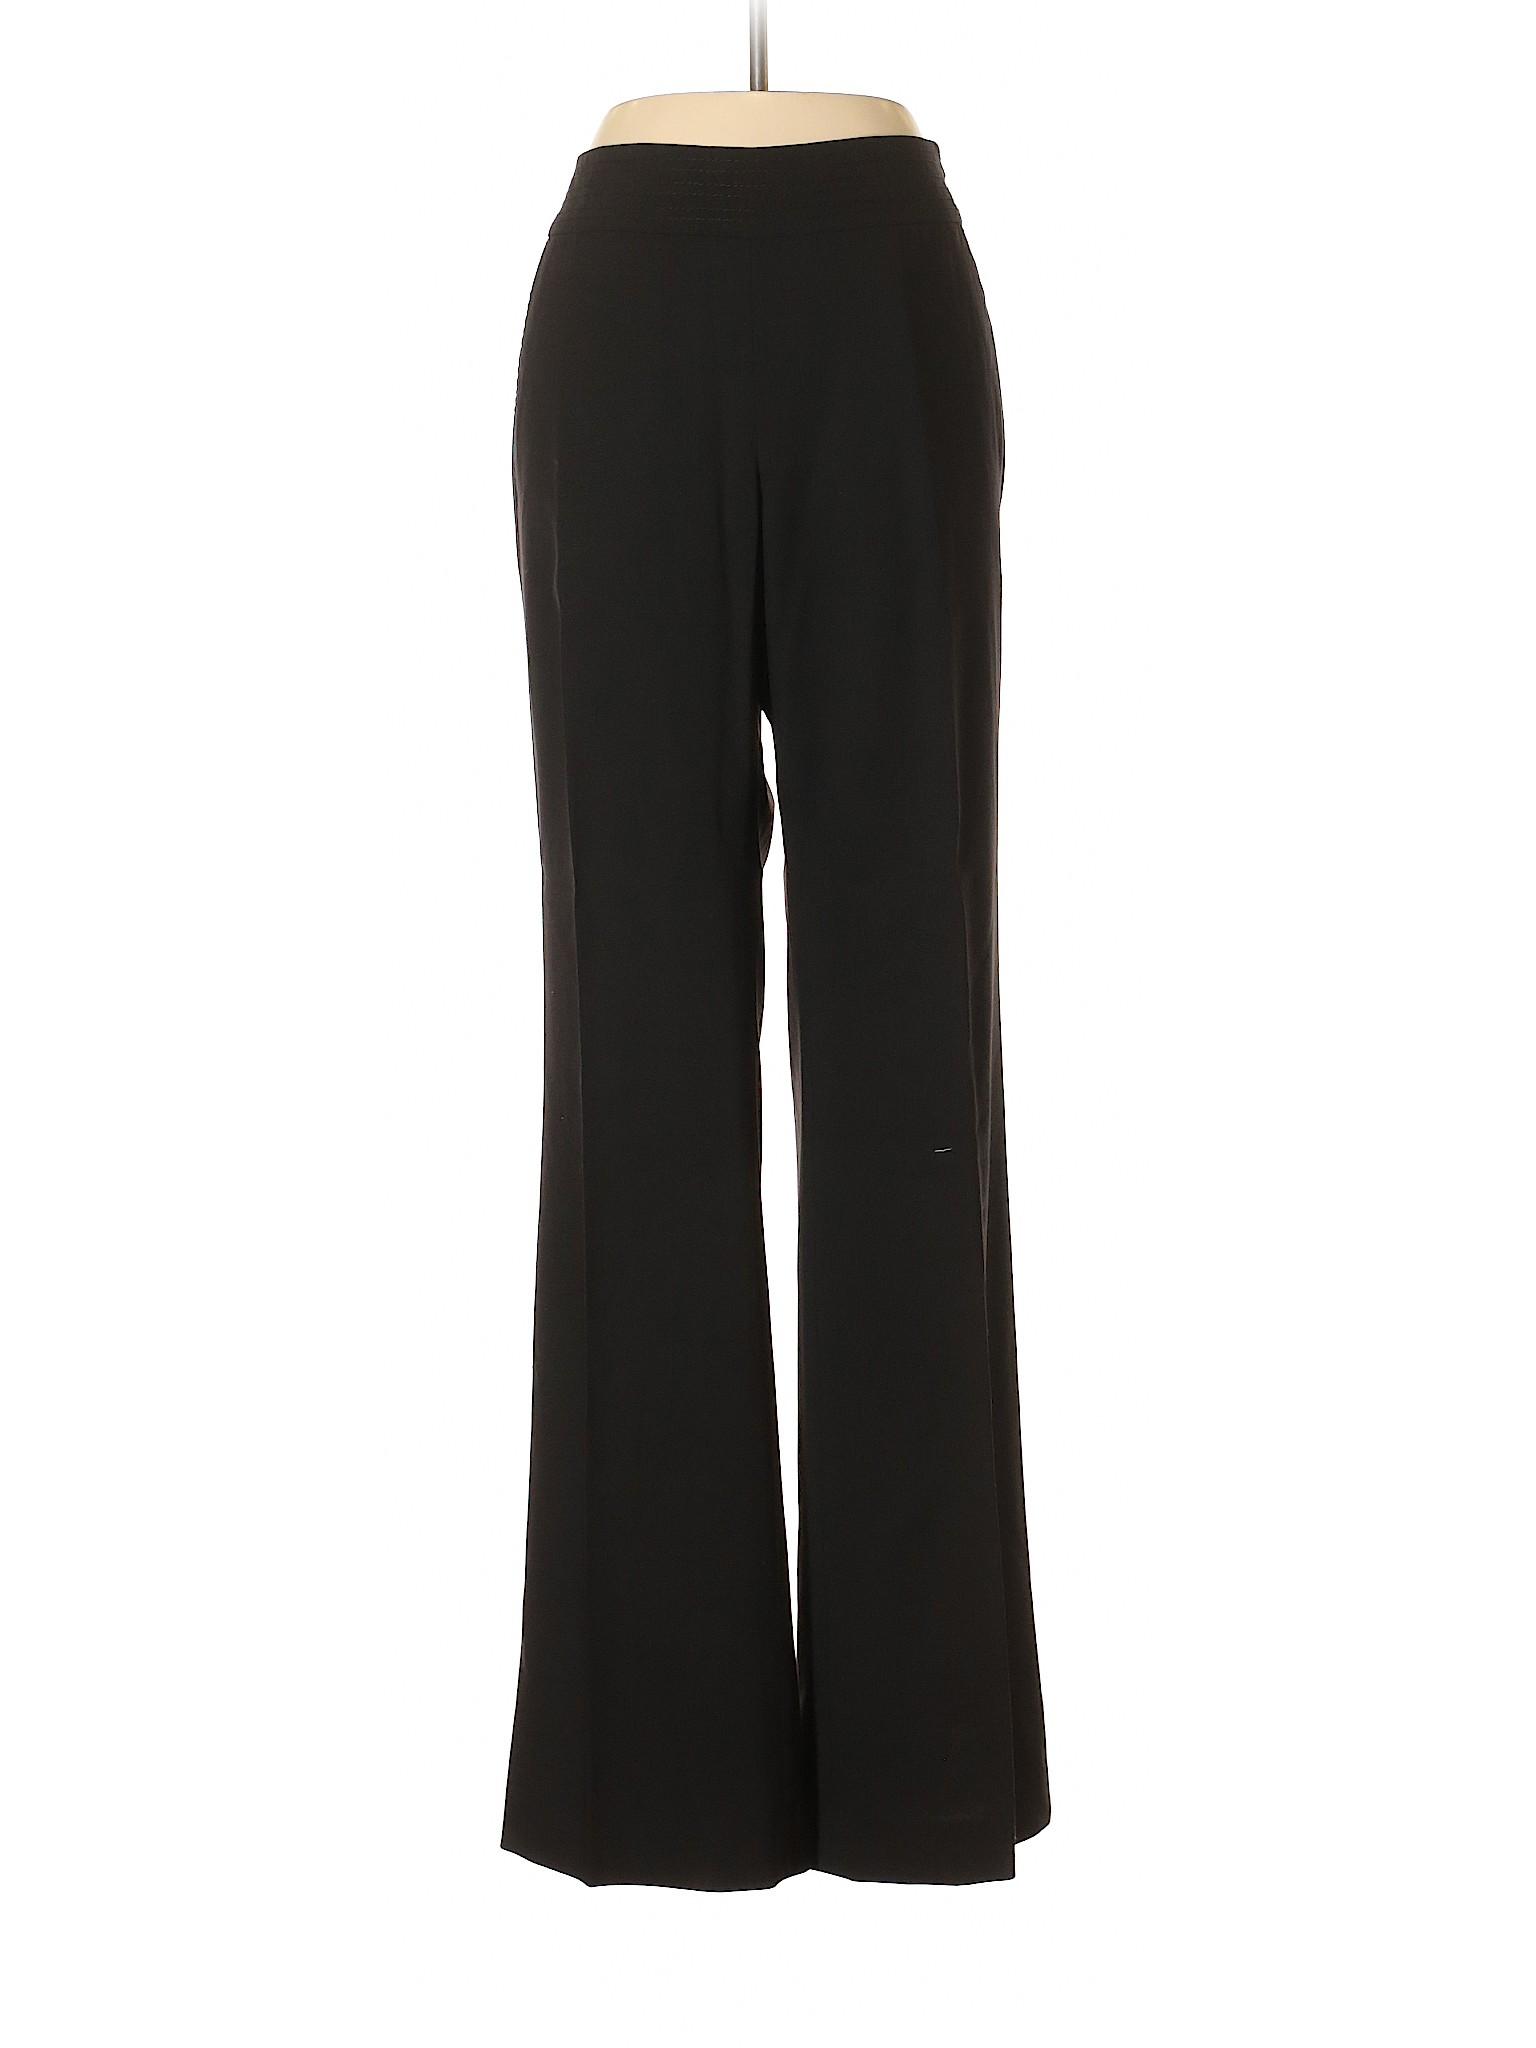 Republic Dress Boutique Pants Banana winter 8Wqf41E4nO